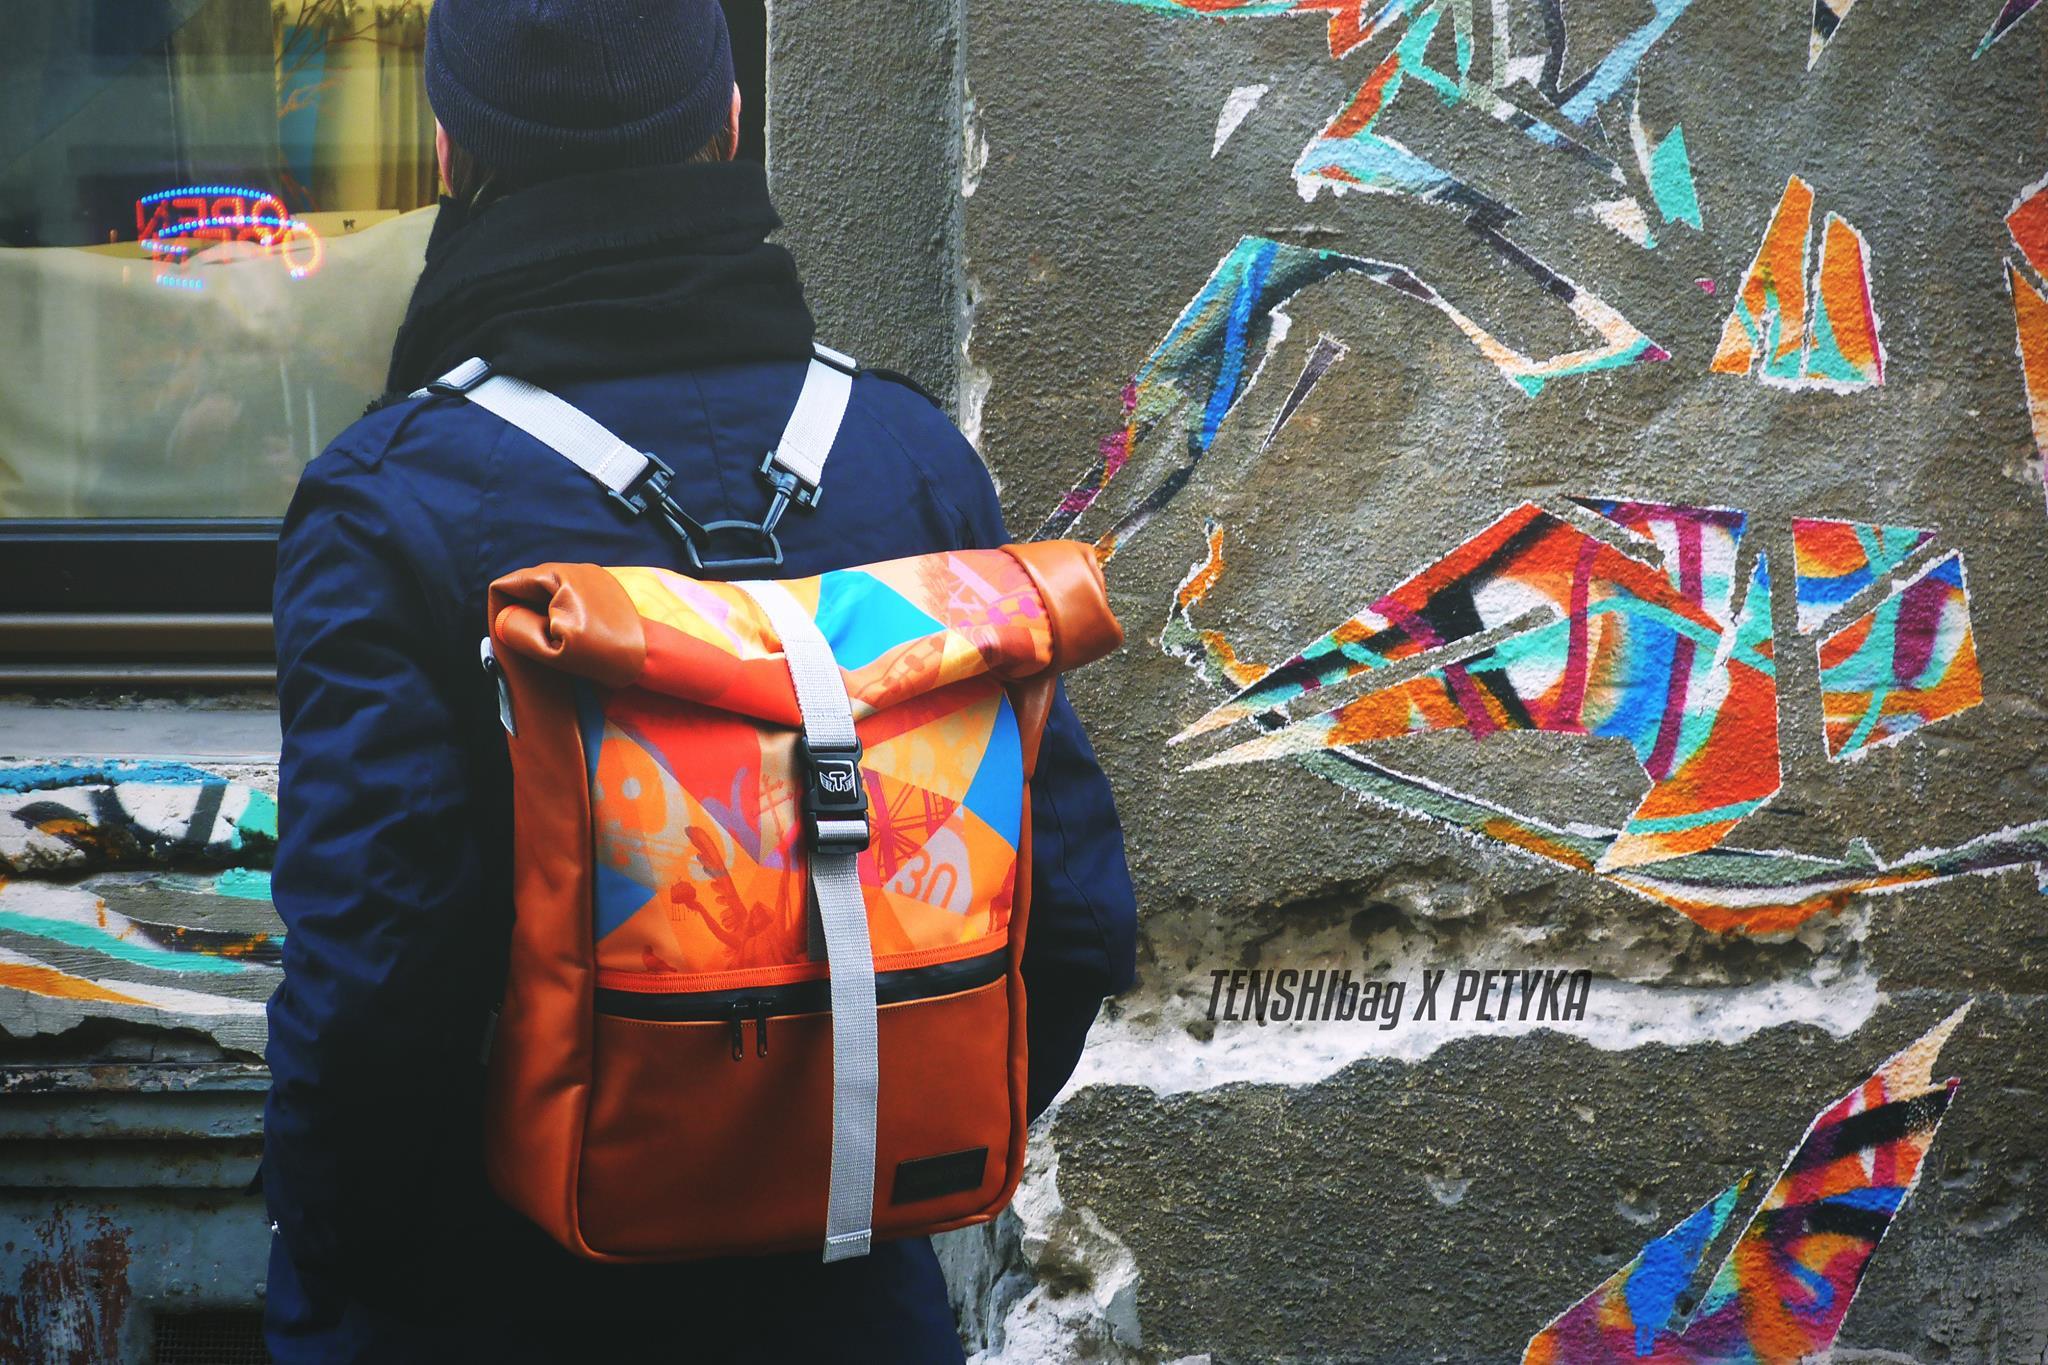 A te táskád, a te alkotásod – TENSHIbag X PETYKA